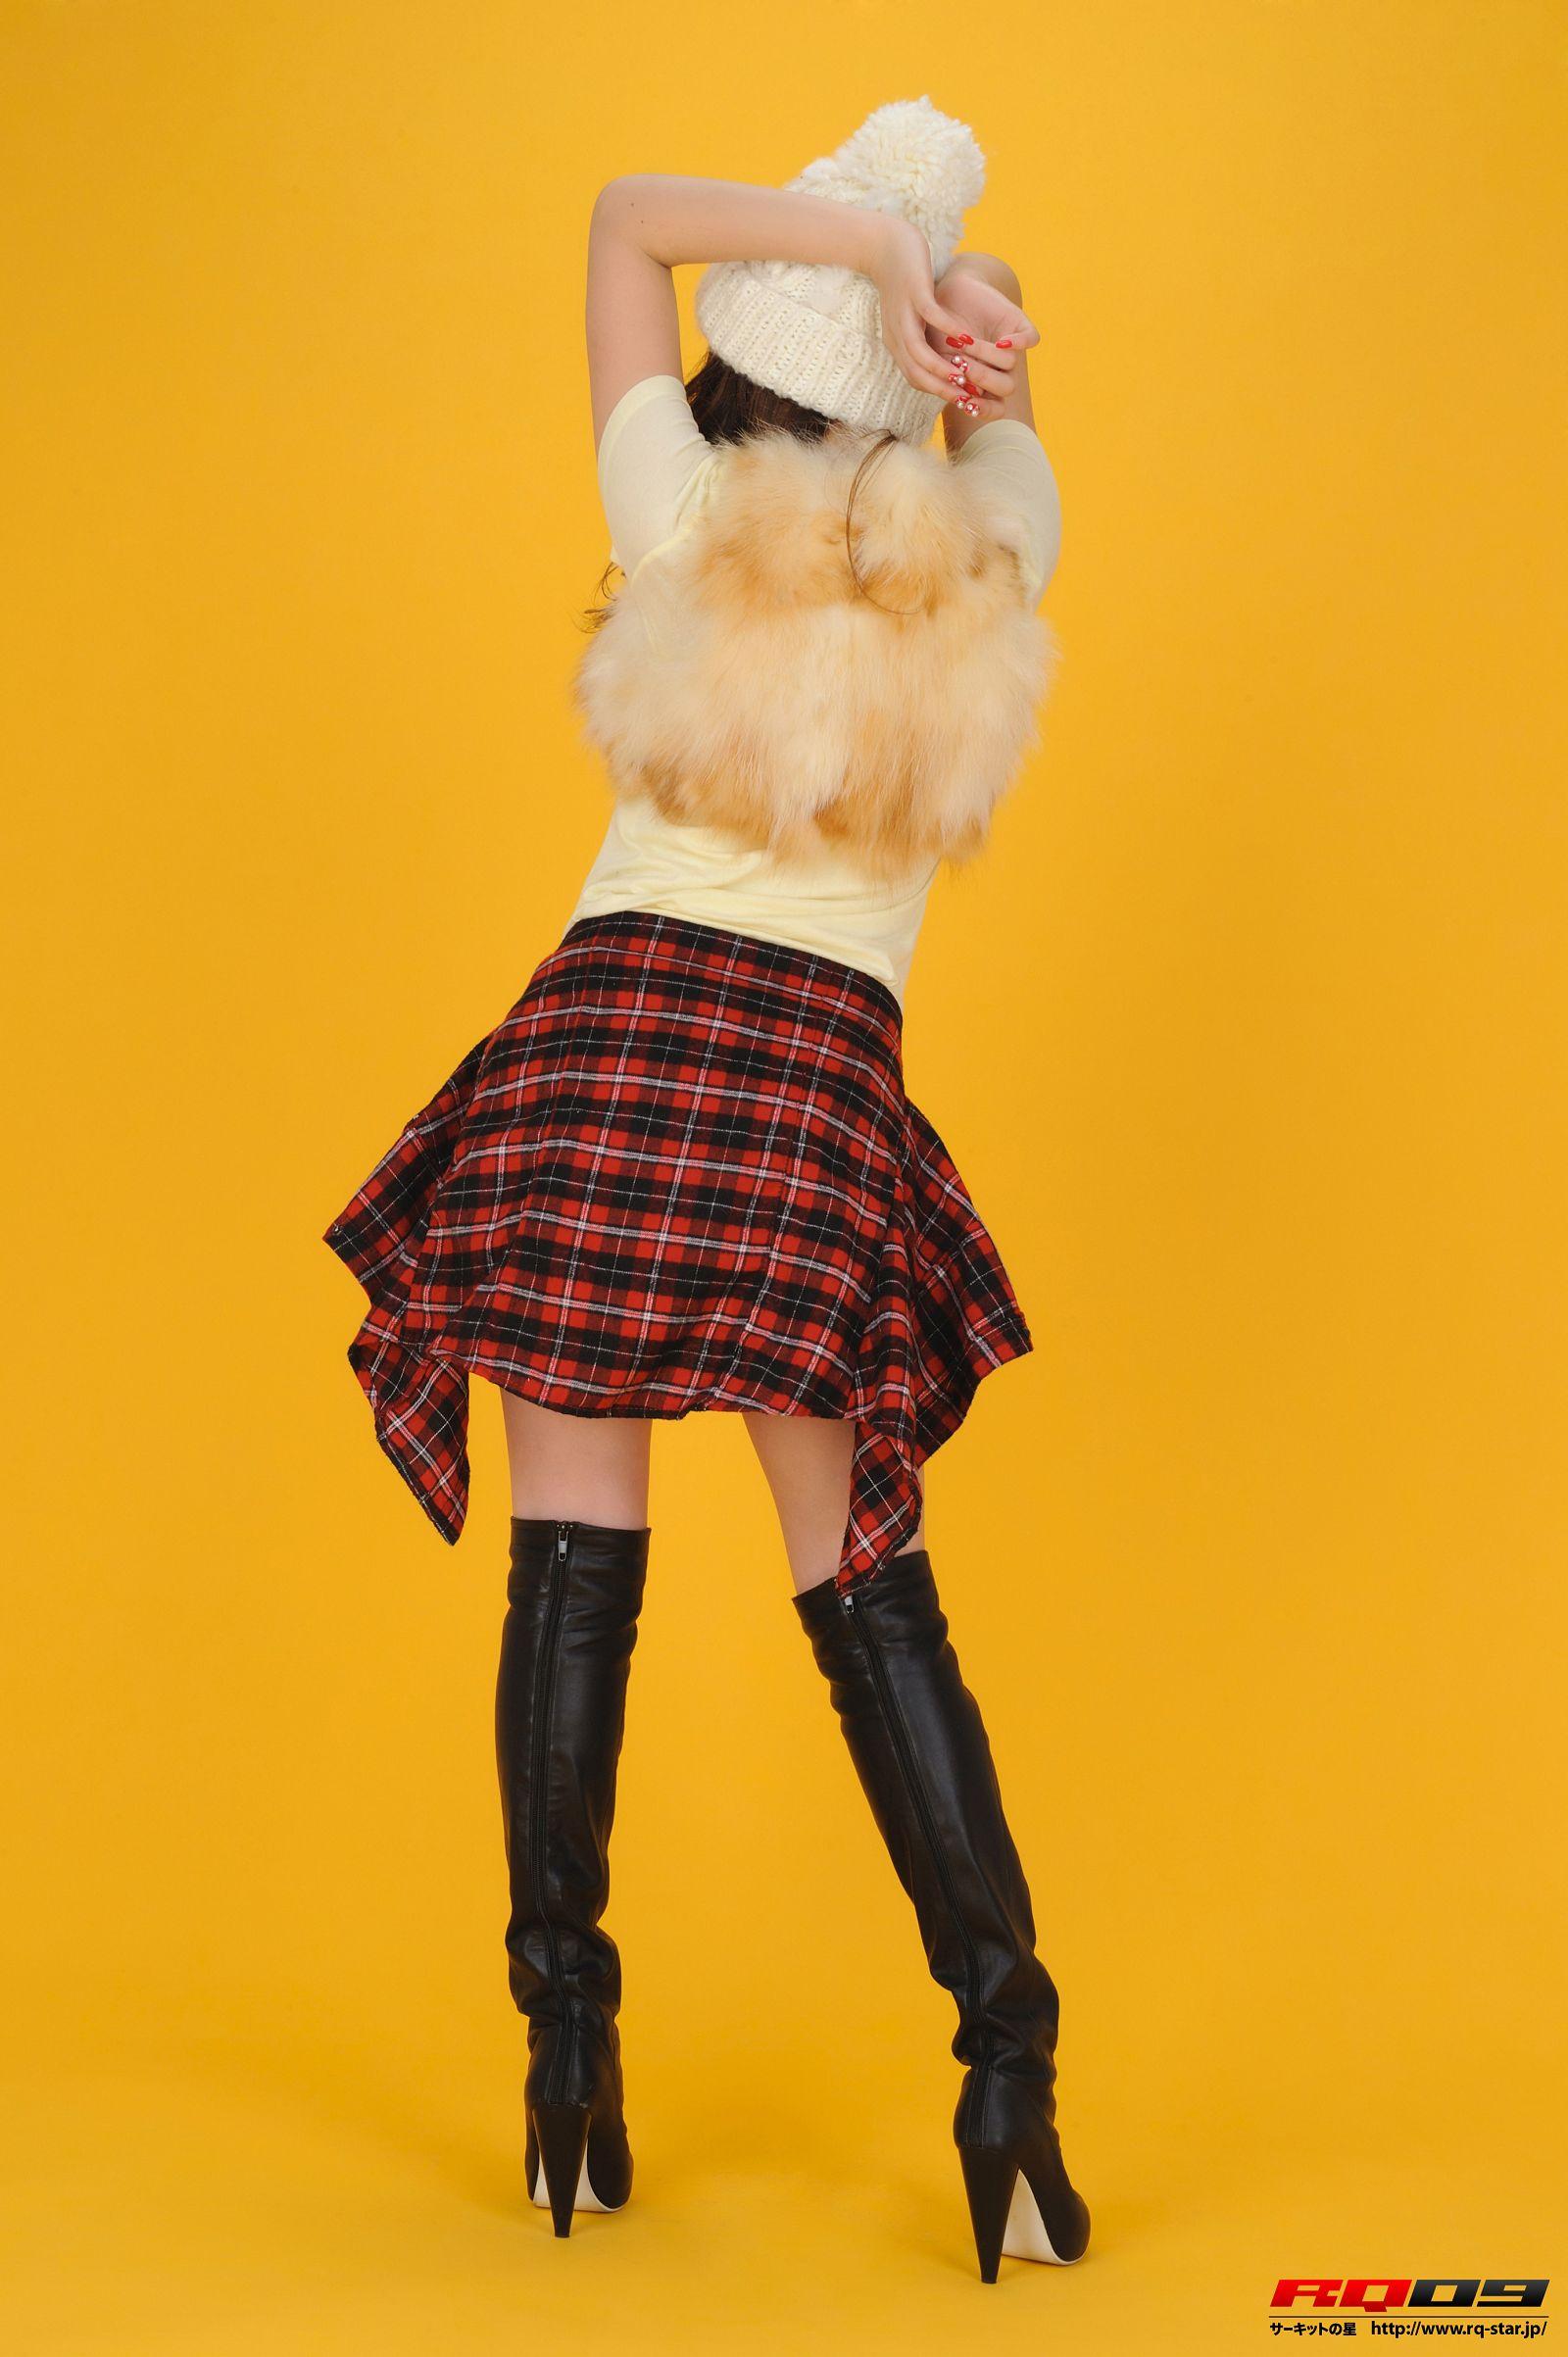 [RQ STAR美女] NO.0247 Arisa Kimura 木村亜梨沙 Private Dress[90P] RQ STAR 第4张